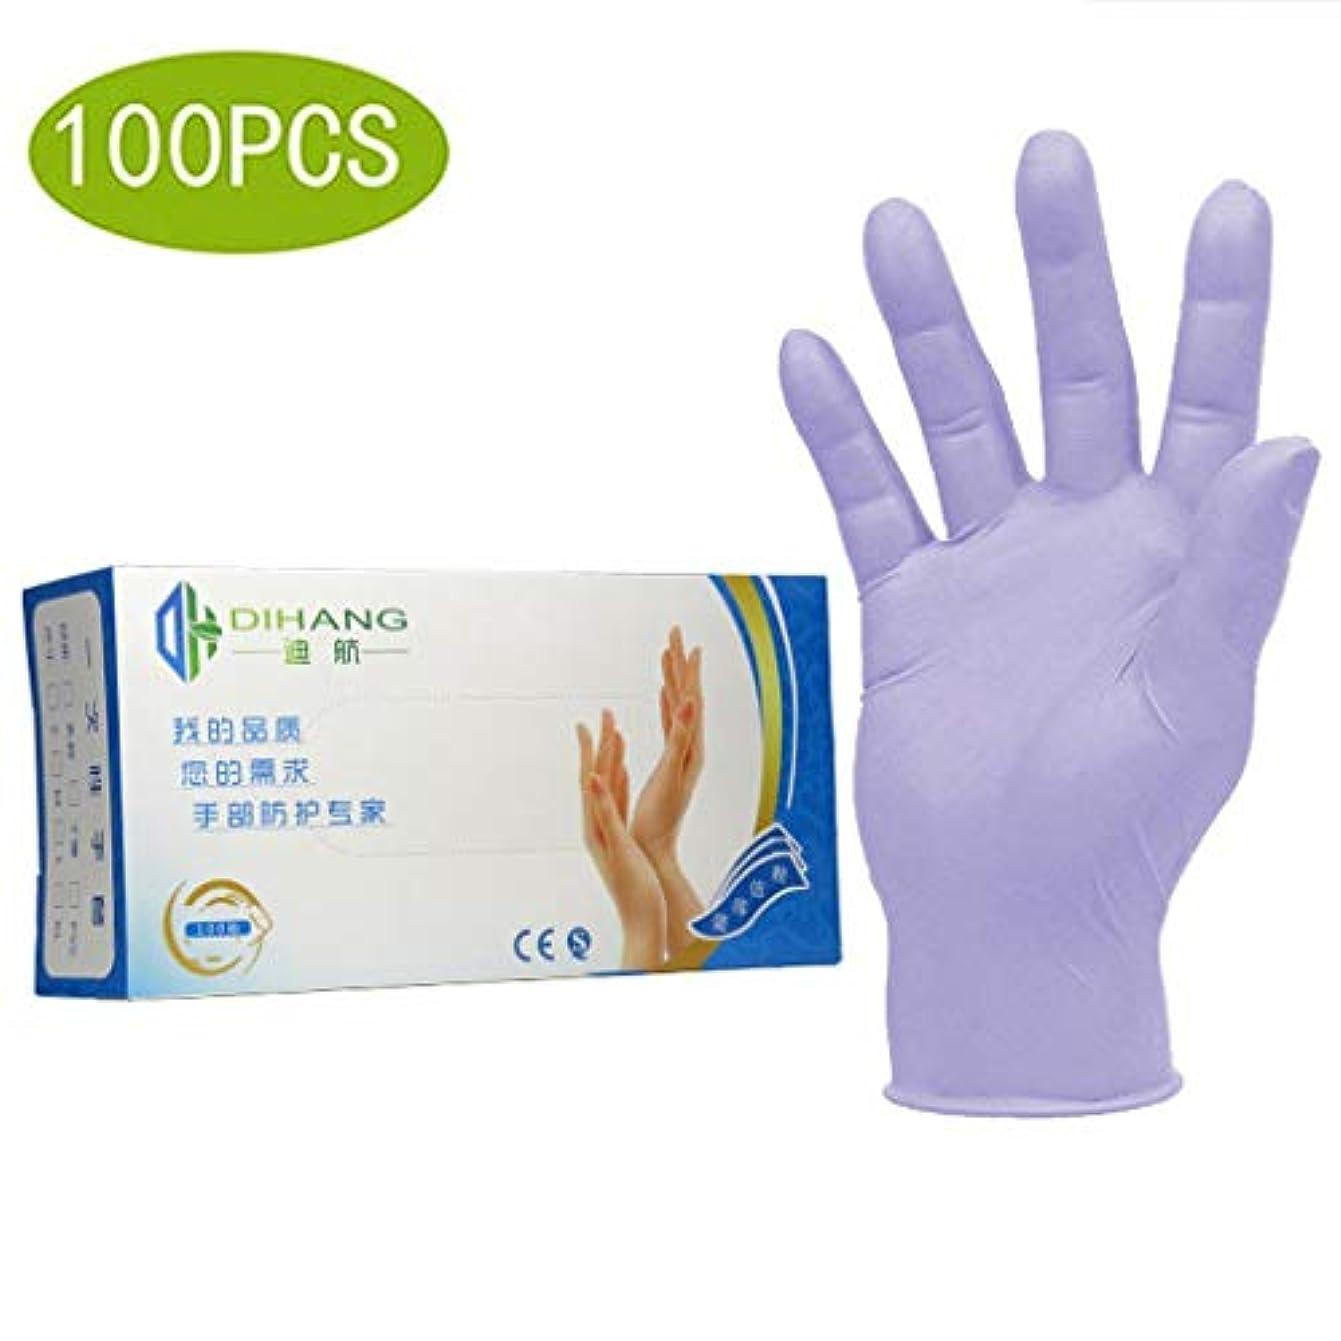 はしご仮称入手します100倍使い捨て手袋耐酸性および耐アルカリ性試験軽量安全フィットニトリル手袋中粉末フリーラテックスフリーライト作業清掃園芸医療用グレードタトゥーパーソナル (Size : S)